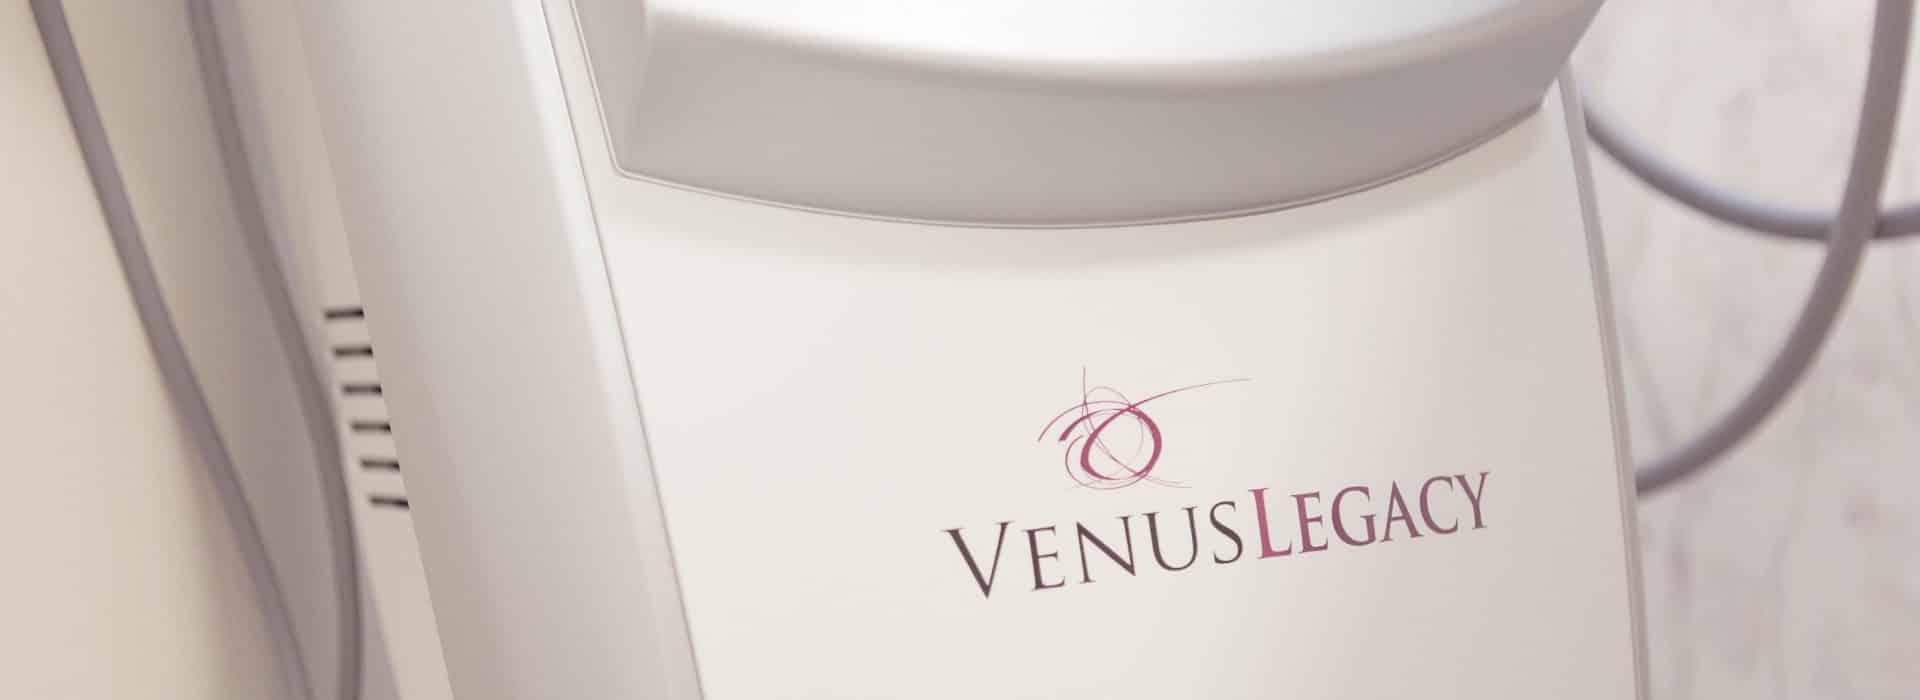 El tratamiento para reafirmar la piel: radiofrecuencia Venus Legacy